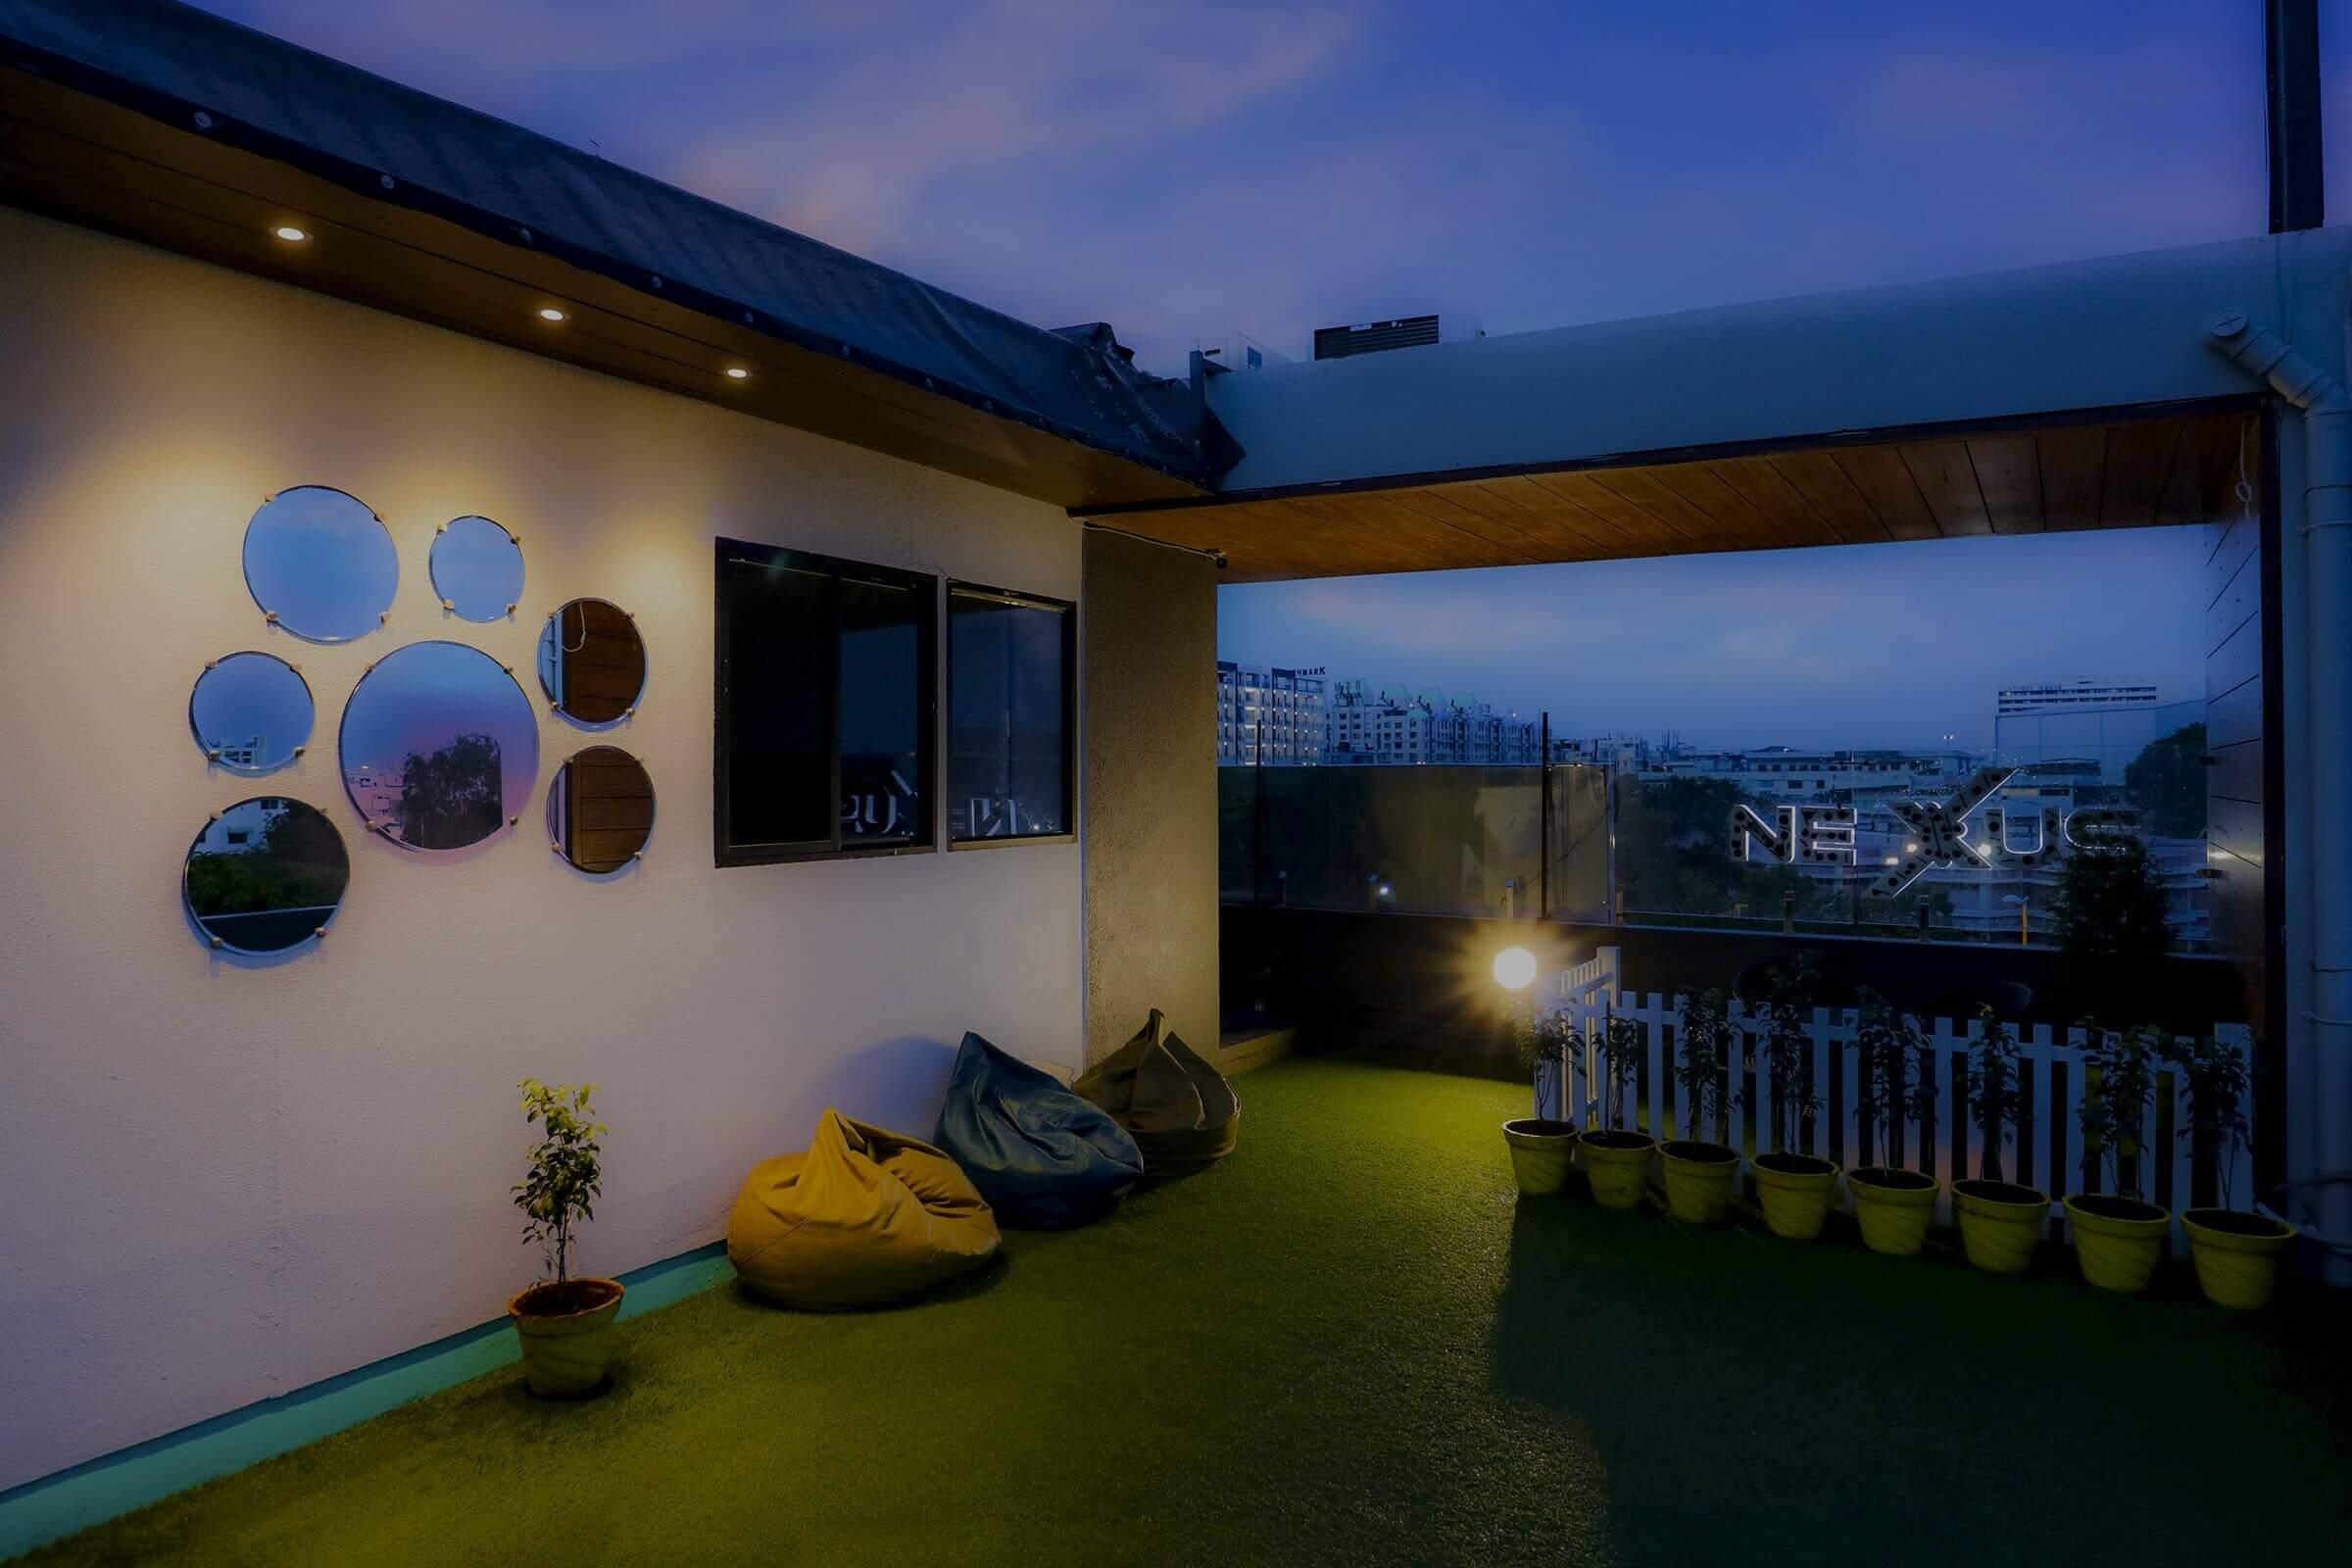 Nexus Coworking Space in Indore